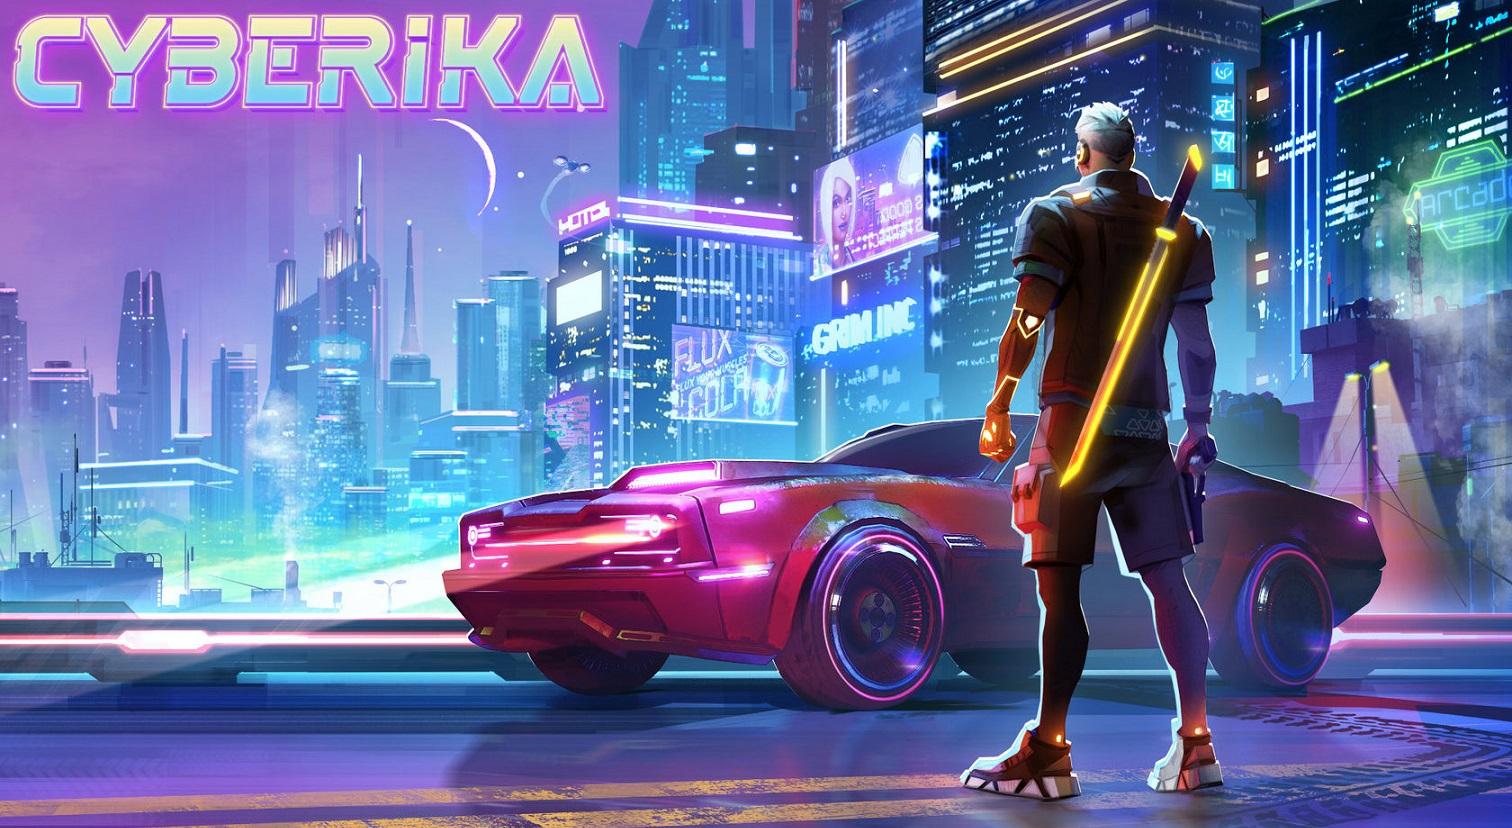 Cyberika ist ein Handyspiel voller Action und Abenteuer